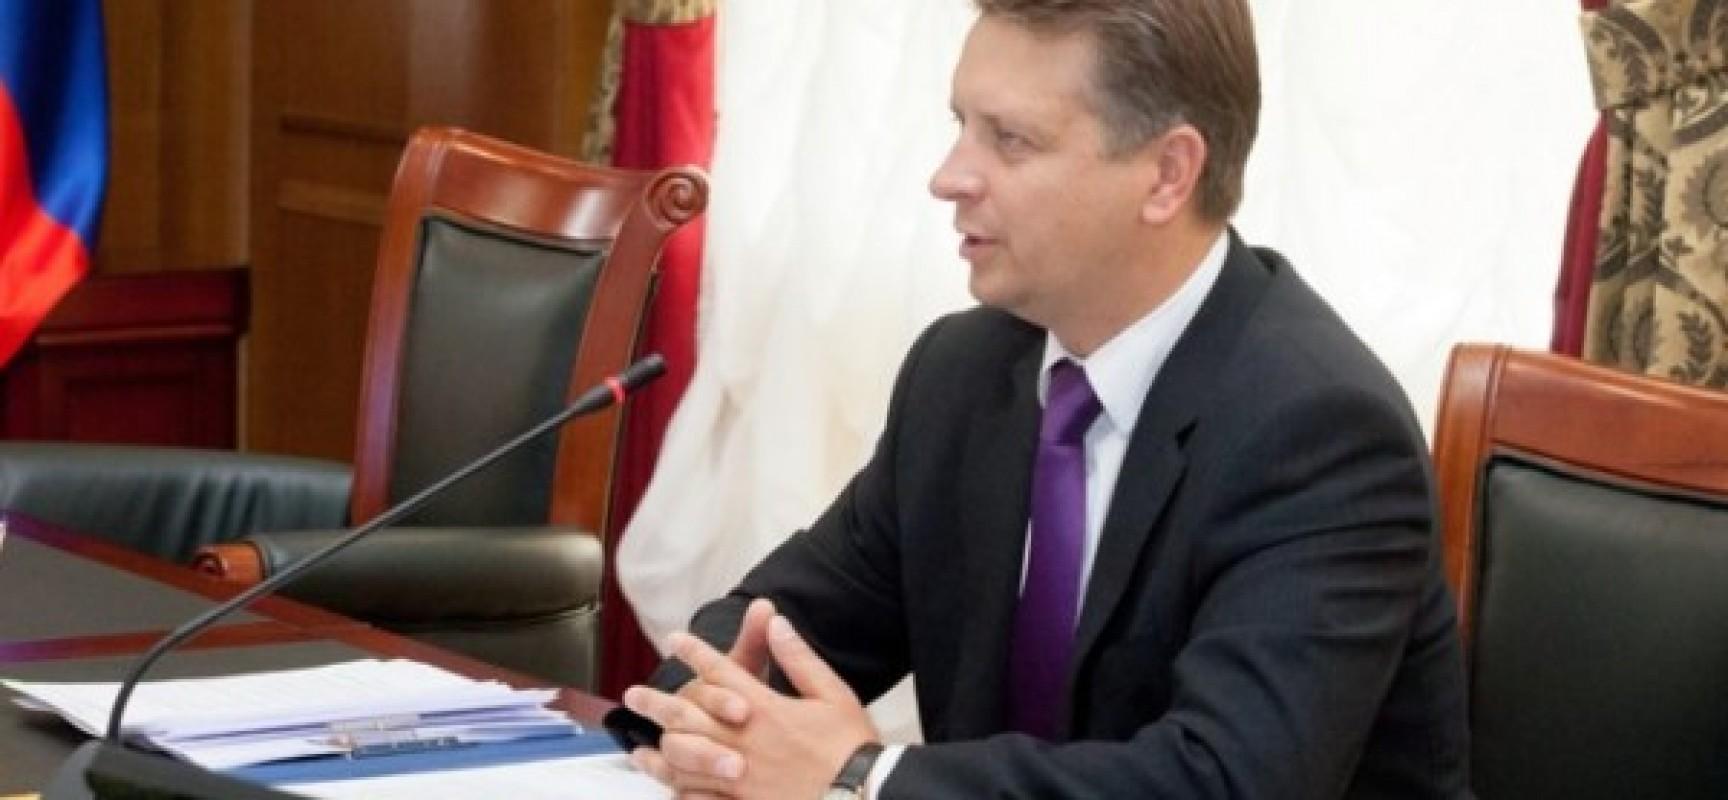 Заседание межведомственной Рабочей группы по реализации проекта строительства транспортного перехода через Керченский пролив